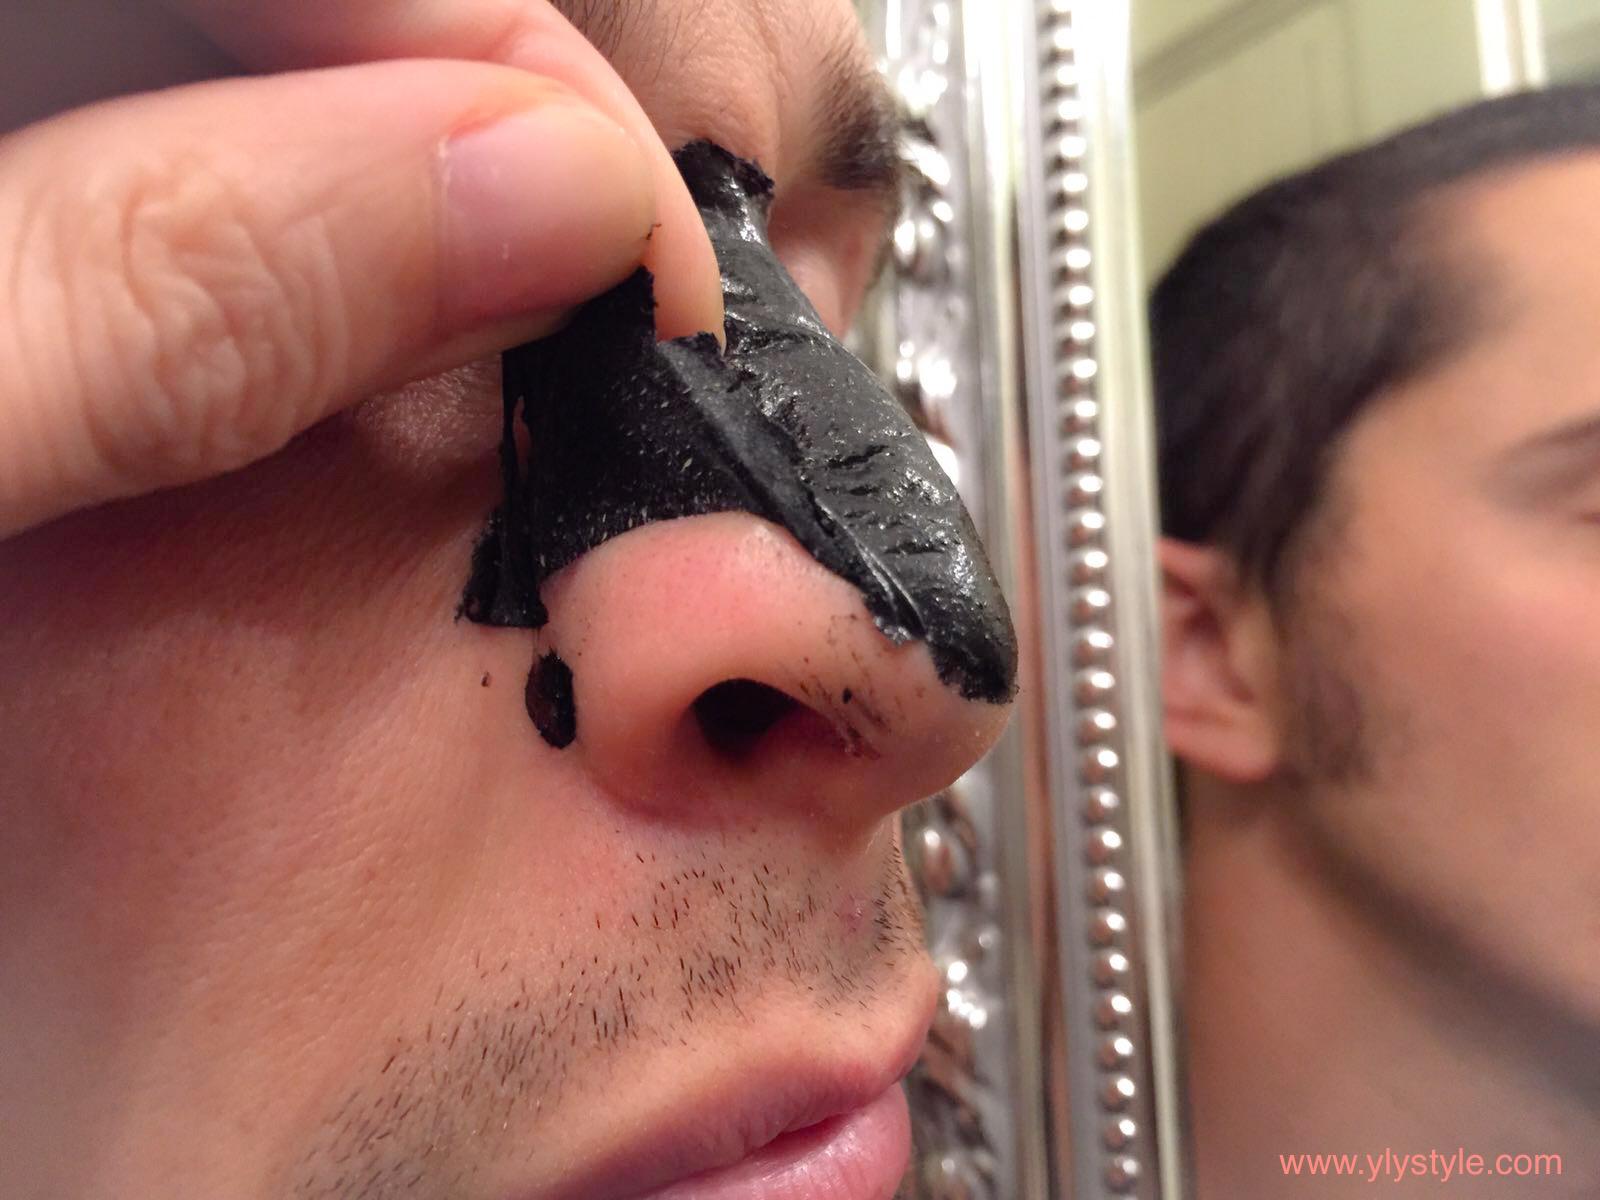 La maschera da punti neri e posti di maschera nera come fare